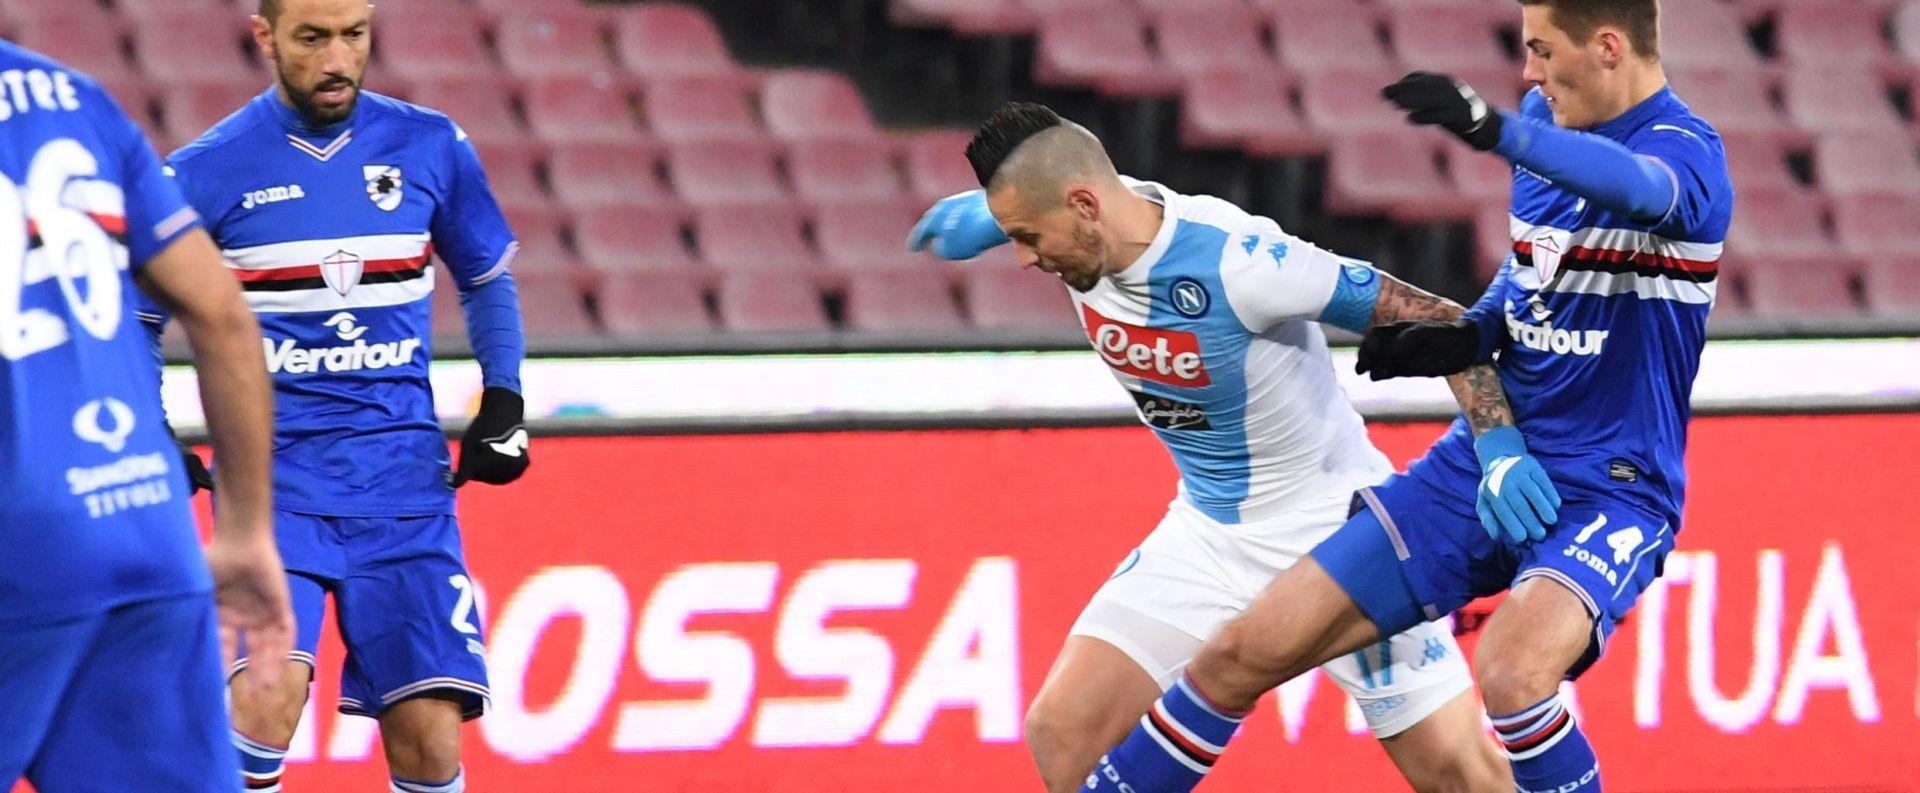 SERIE A Napolijeva 'sedmica' Bologni – Hamšik i Mertens dali po tri gola